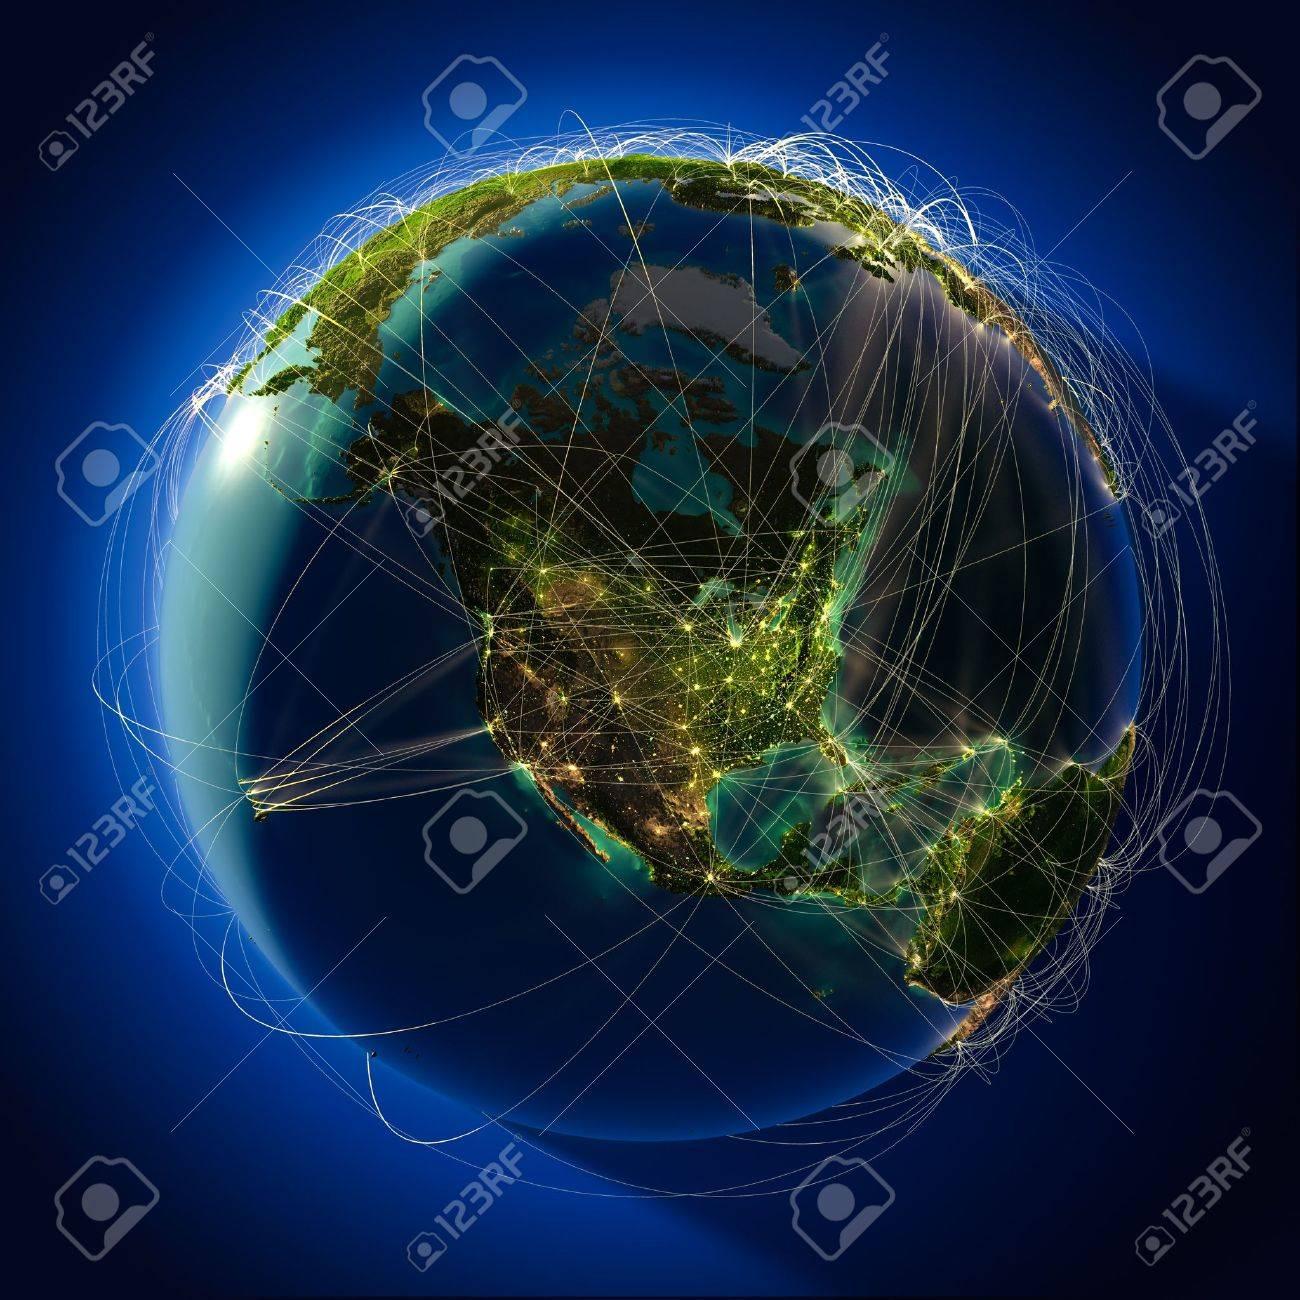 Sehr Detaillierte Planeten Erde Bei Nacht Von Hinten Beleuchtet Der